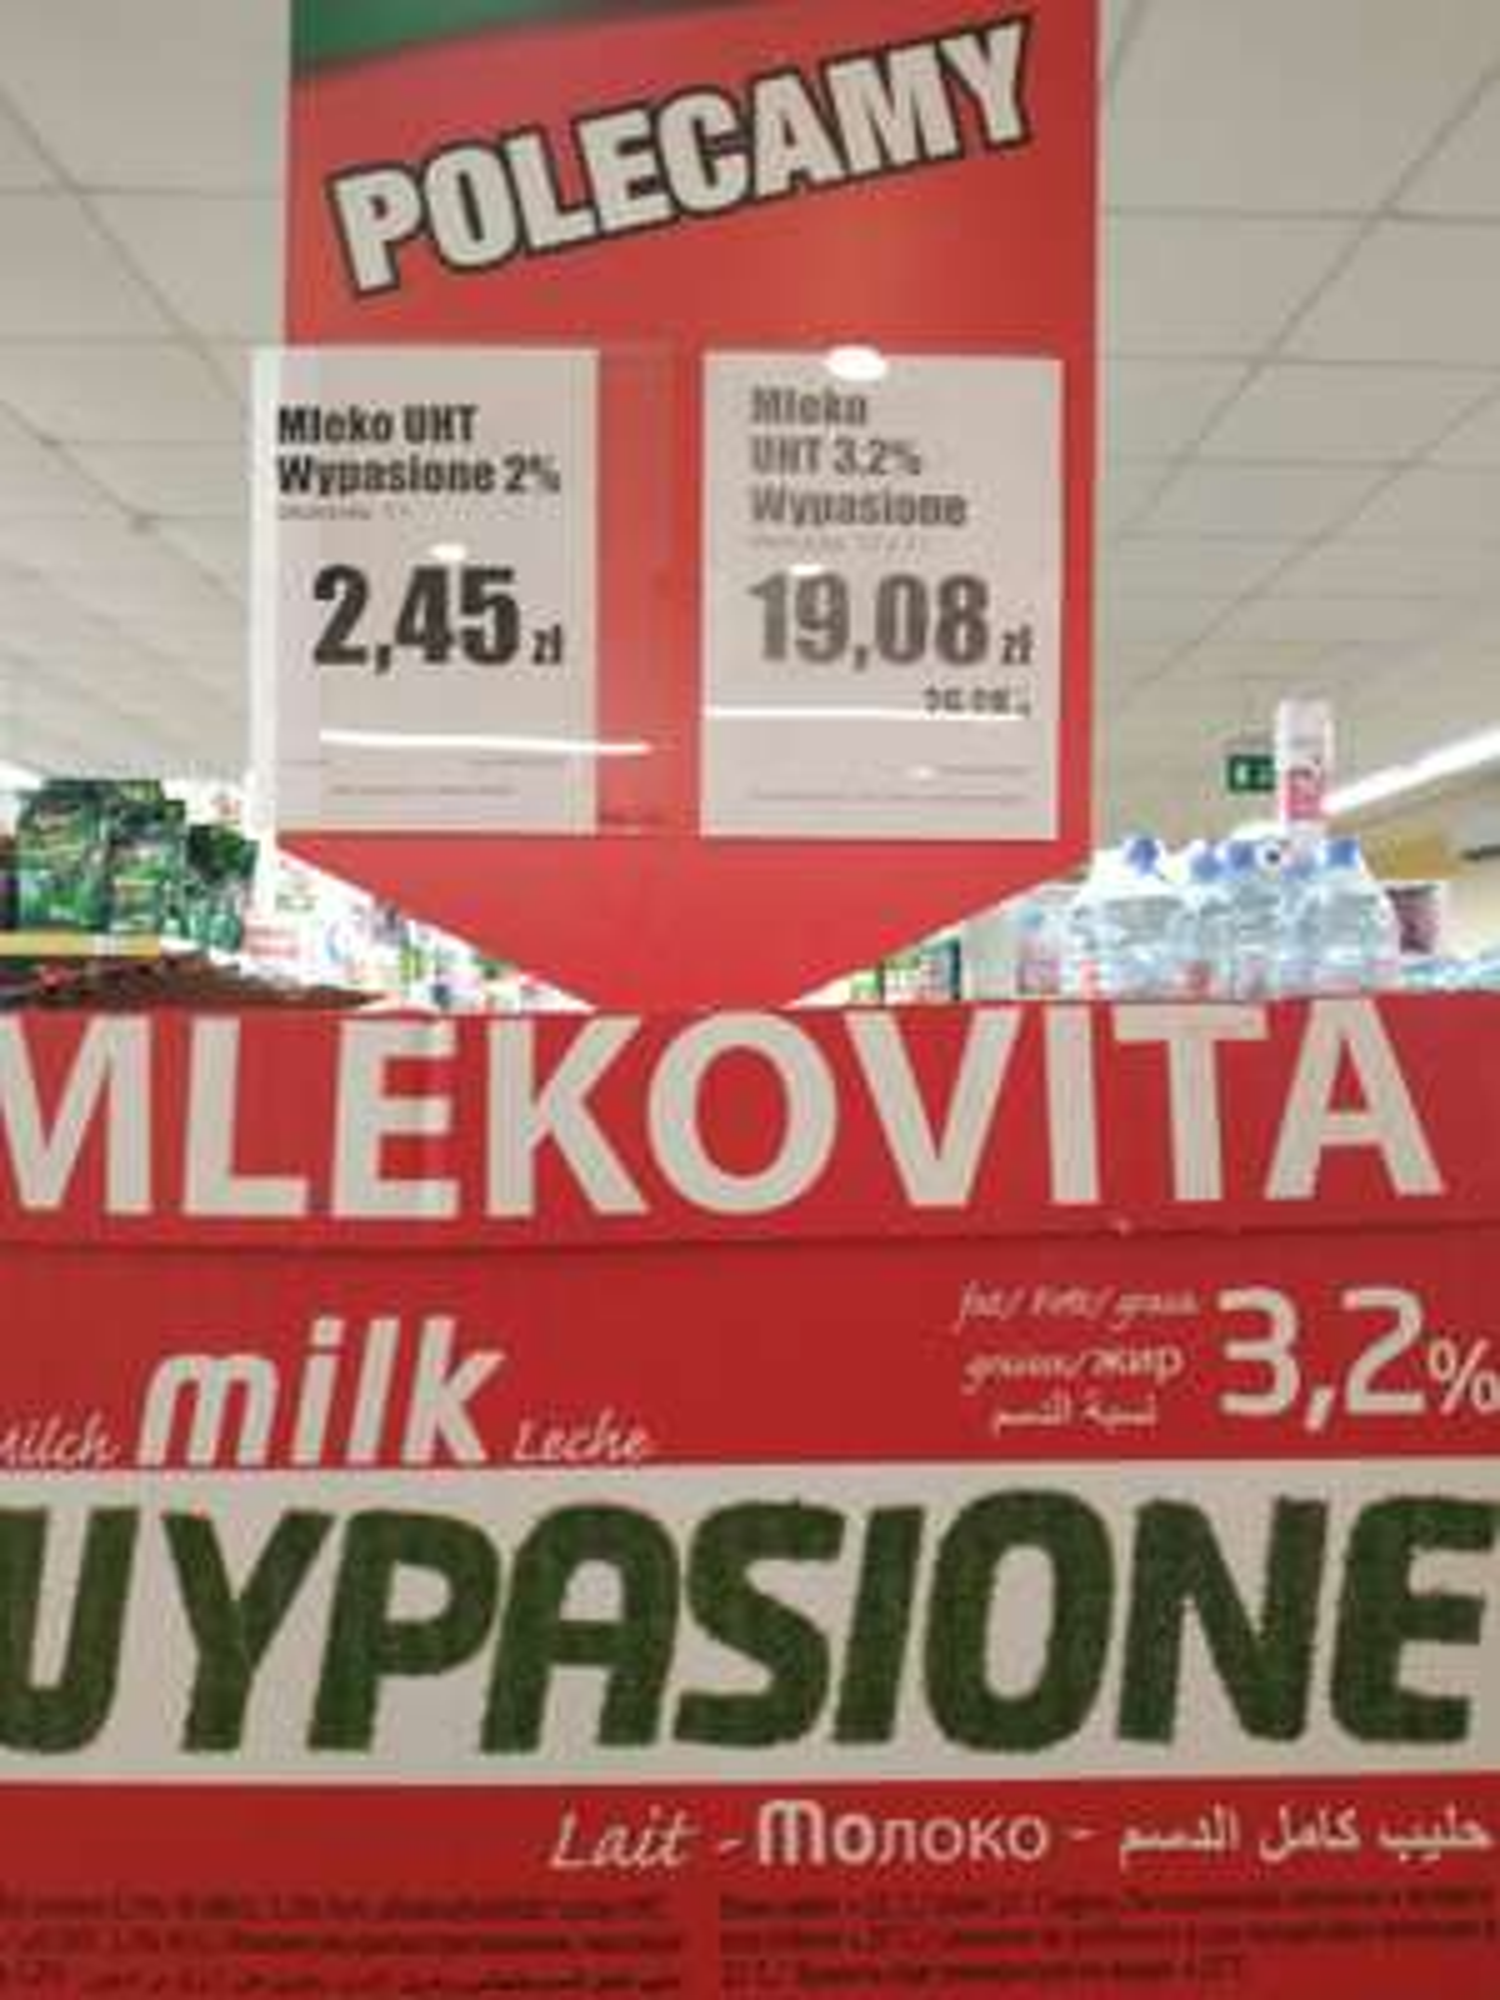 Mleko wypasione 3,2% UHT od mlekovity w Dino